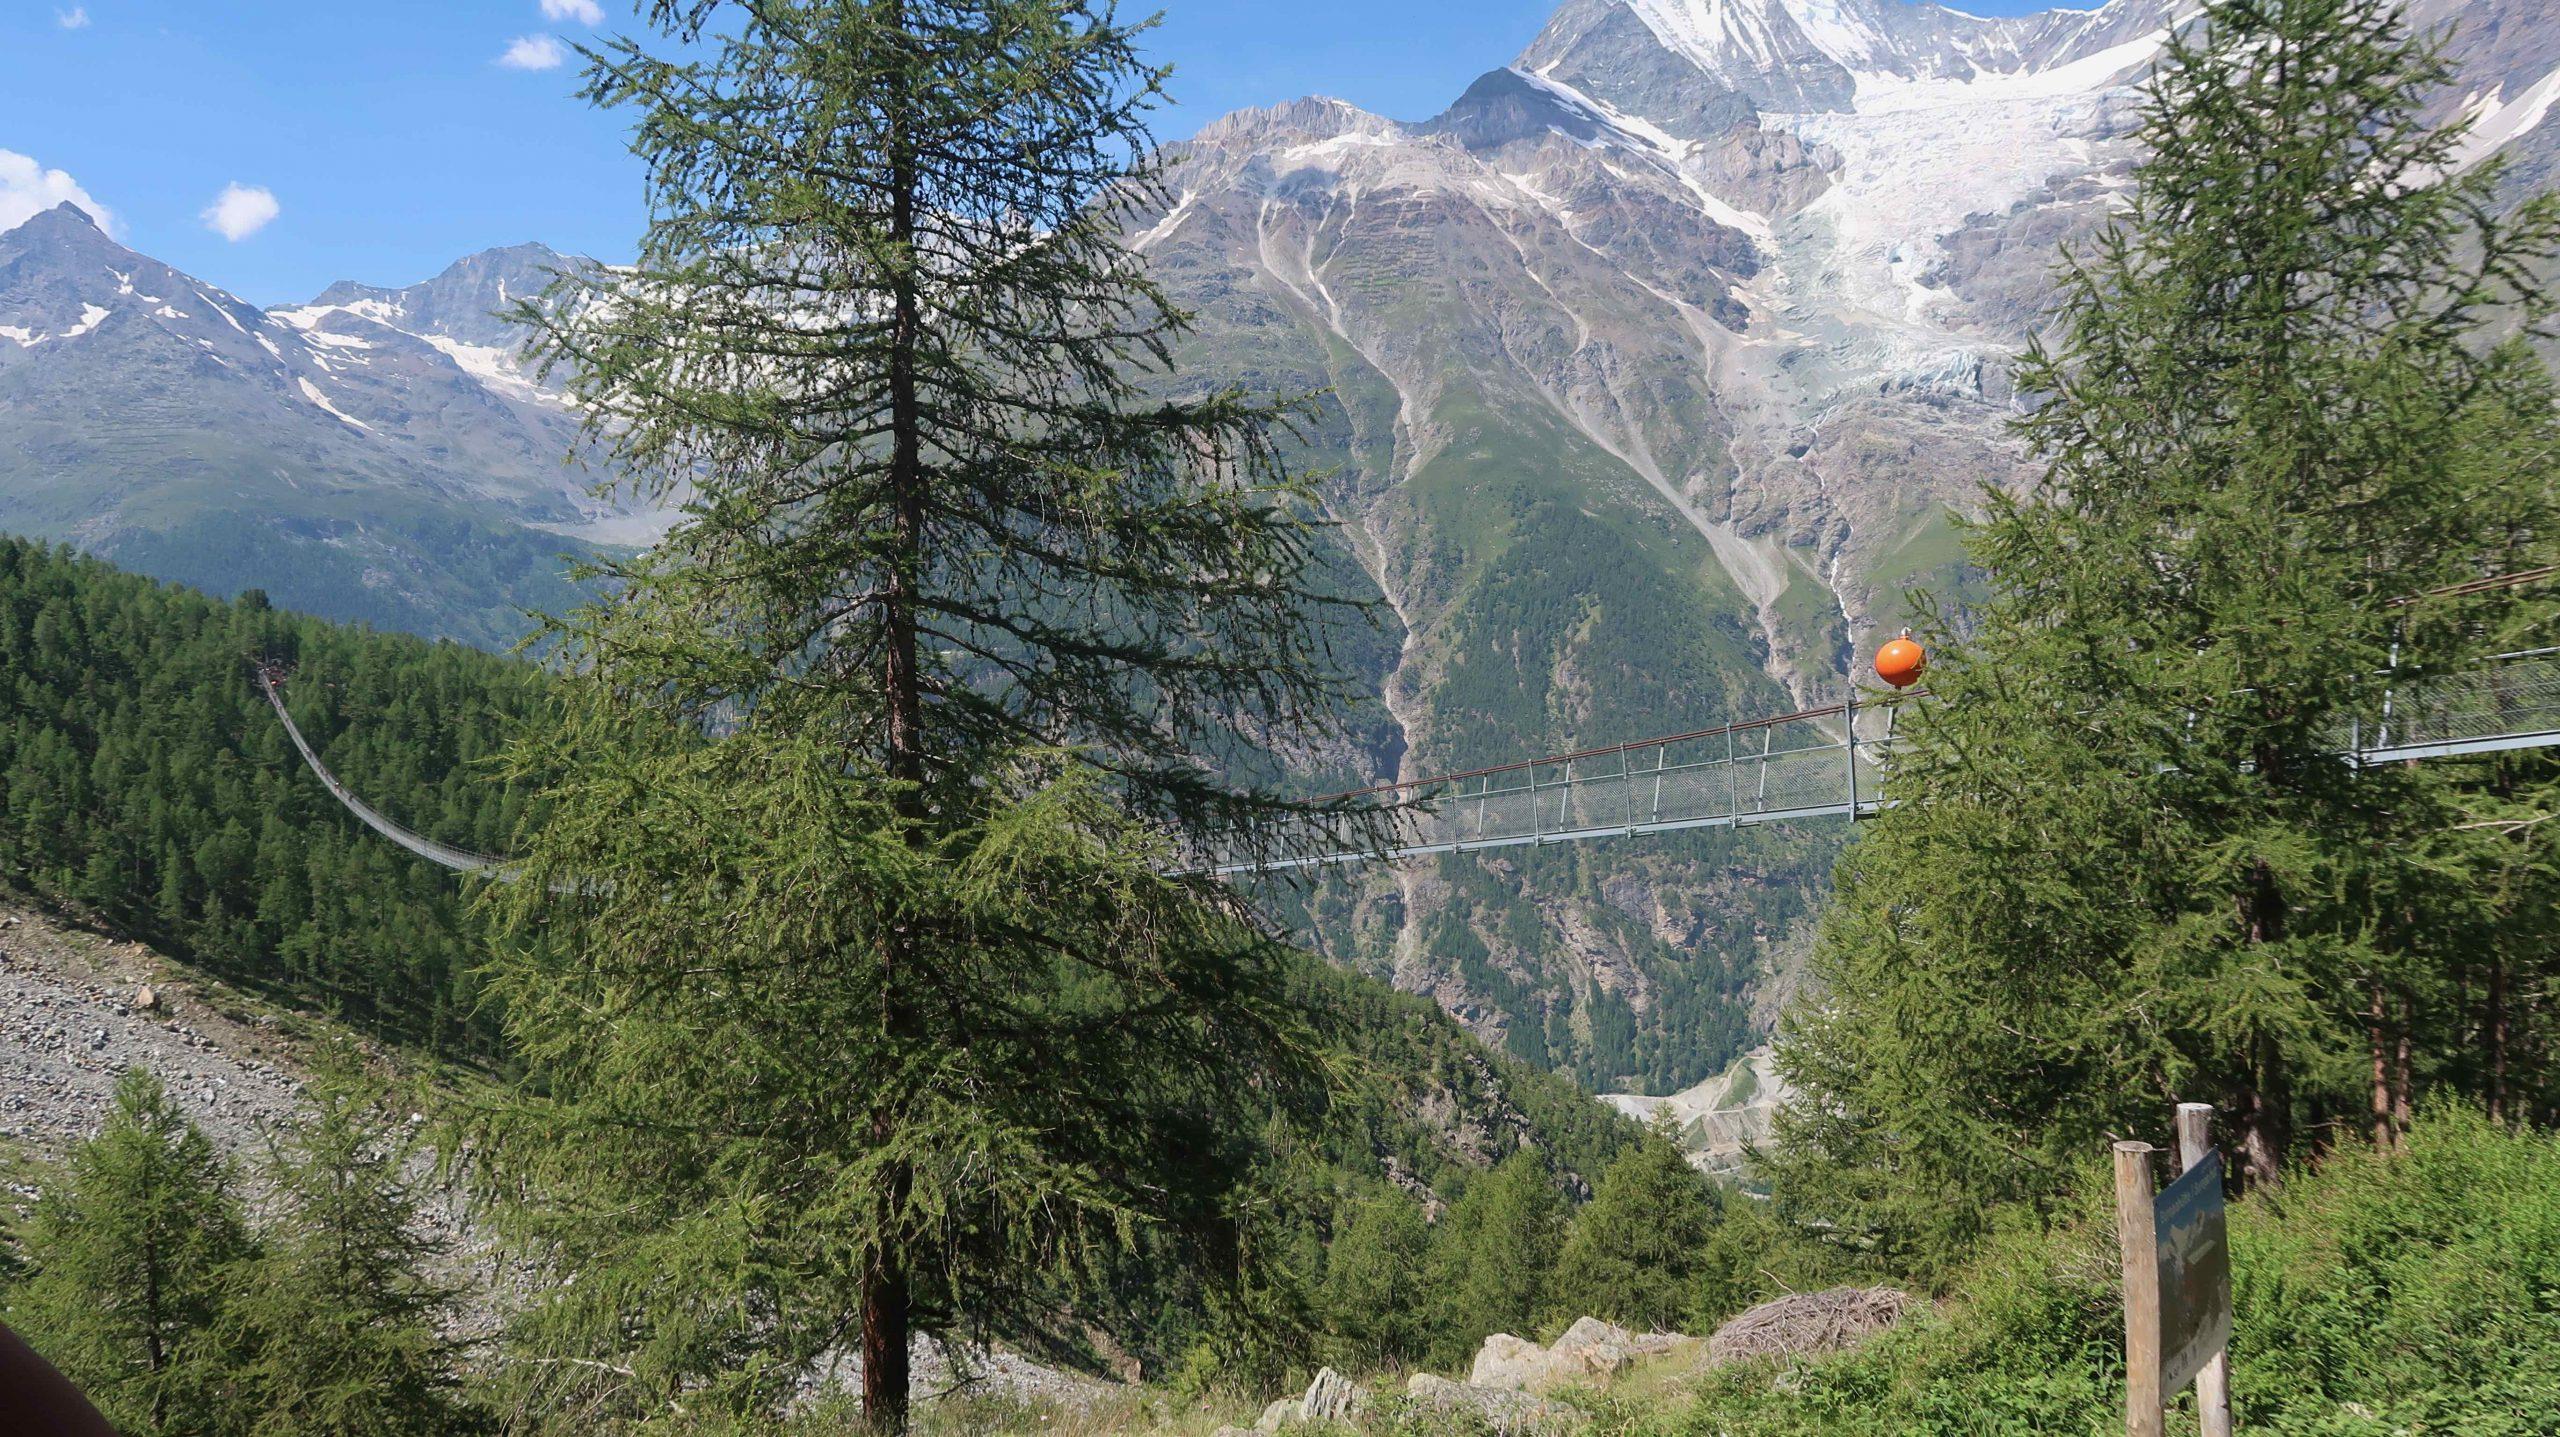 Zwitserland: Wandelen naar de langste hangbrug ter wereld